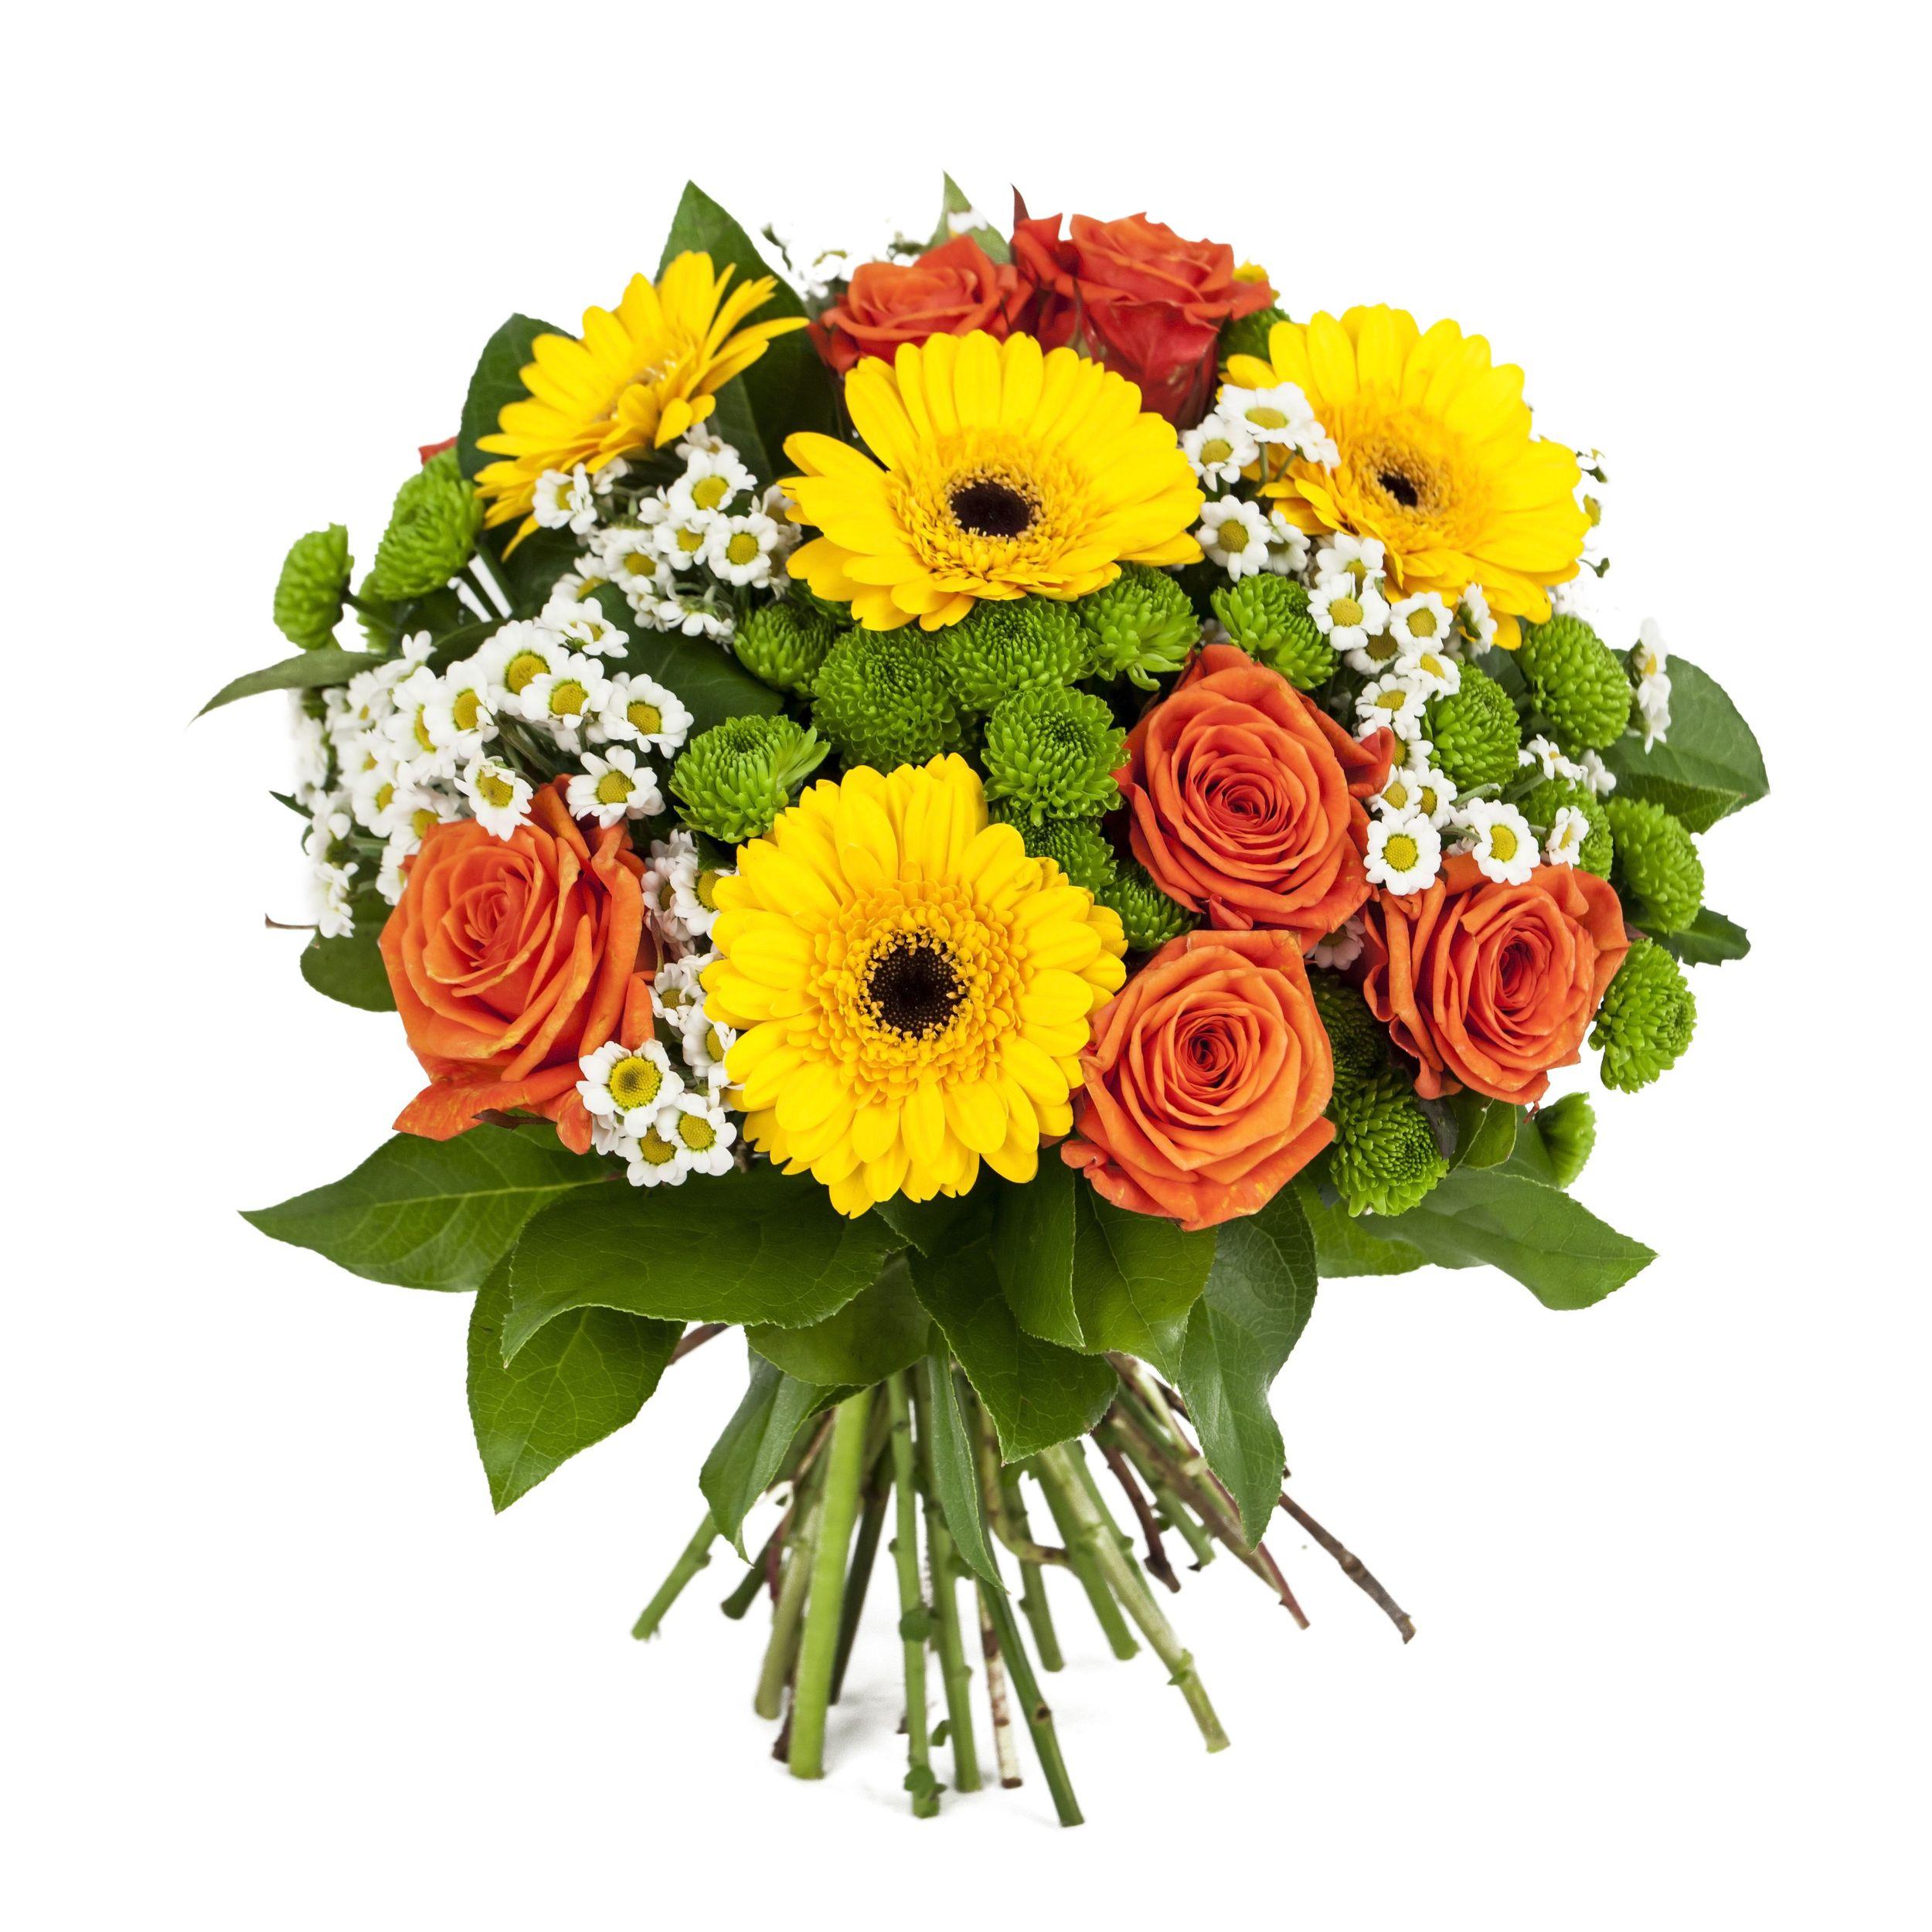 Новосибирск доставка цветов круглосуточно